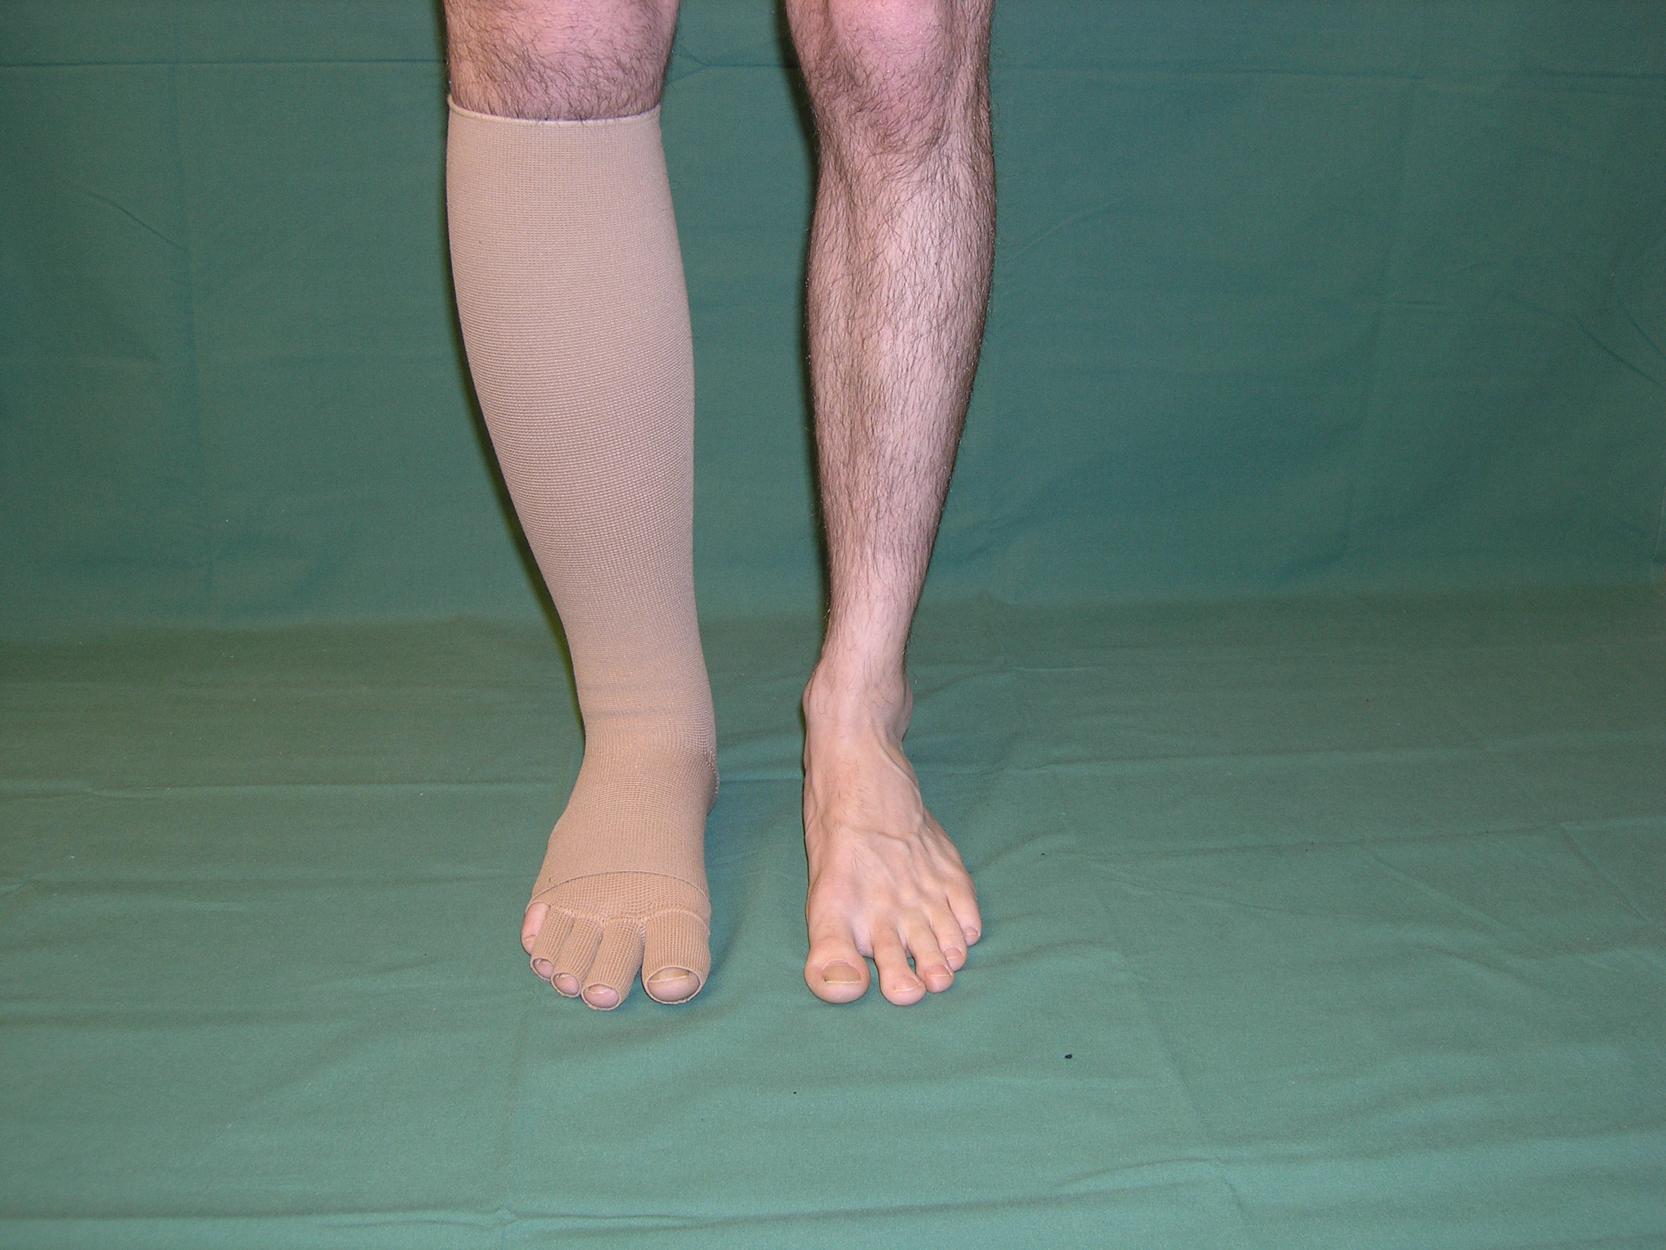 lymfödem ben träning